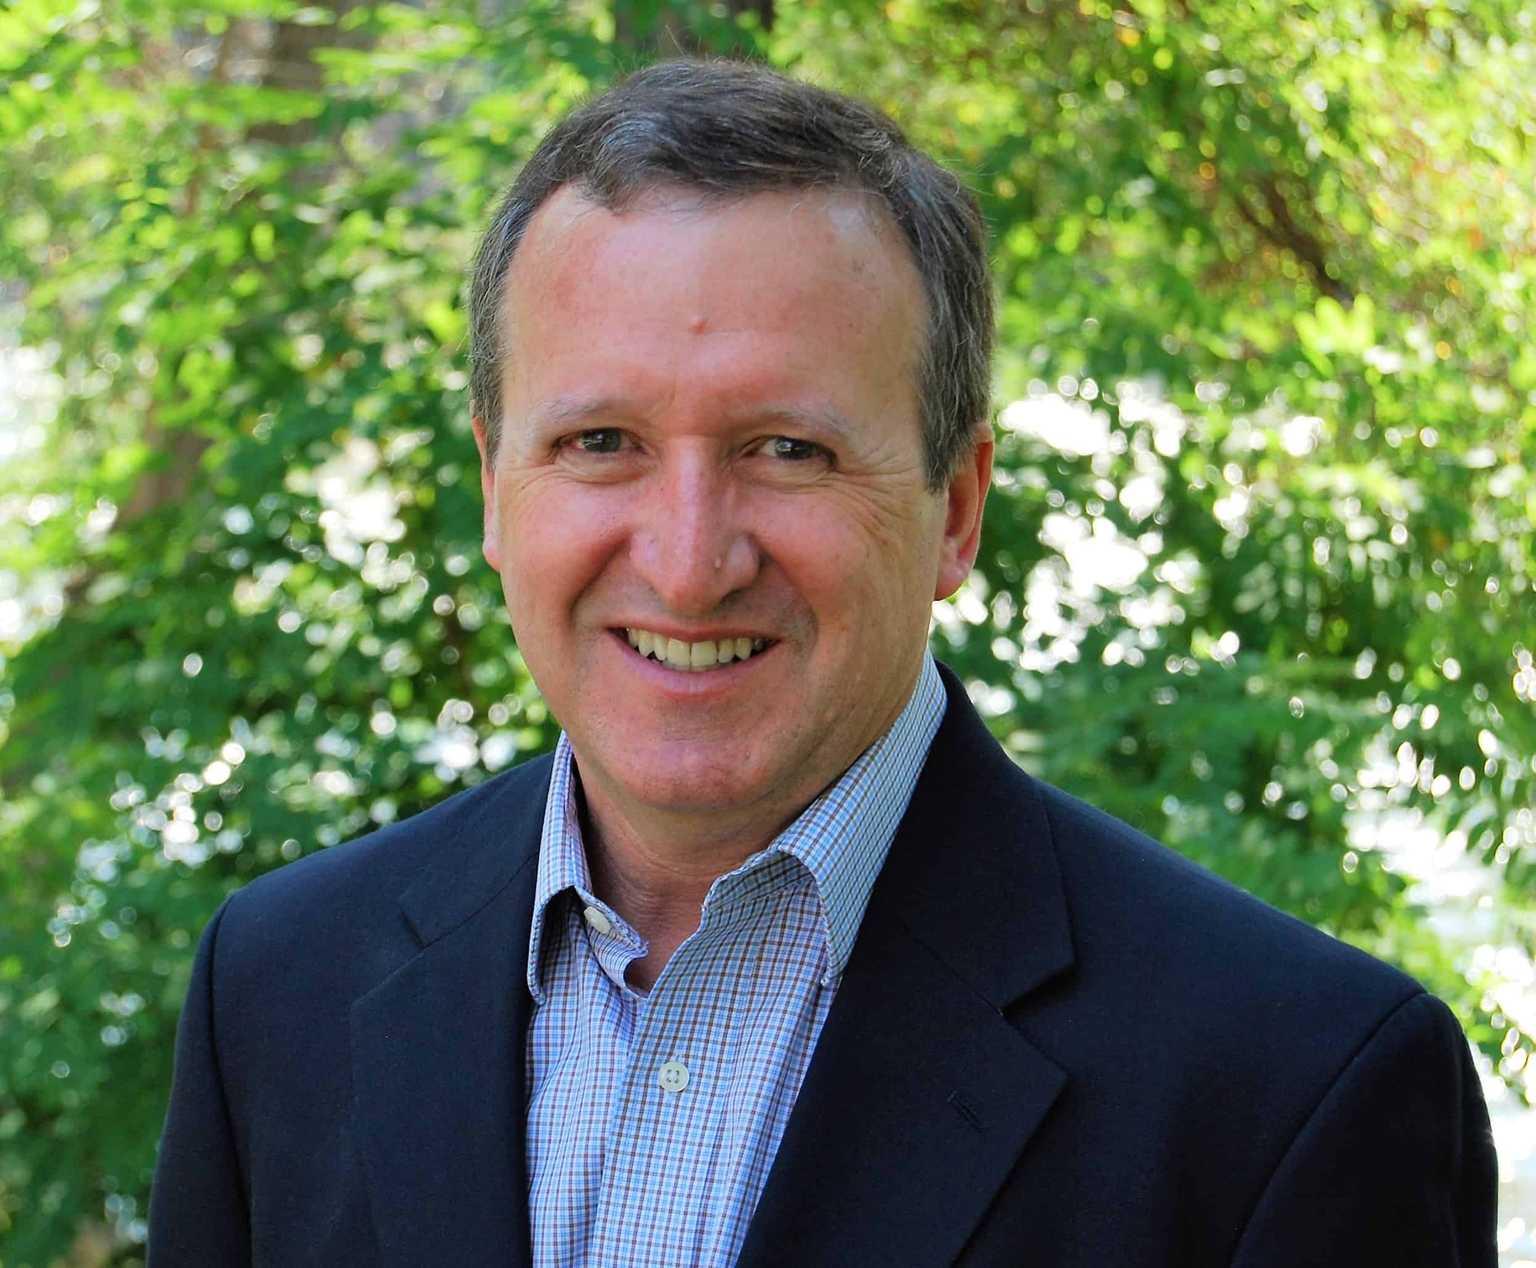 Kevin Melcher